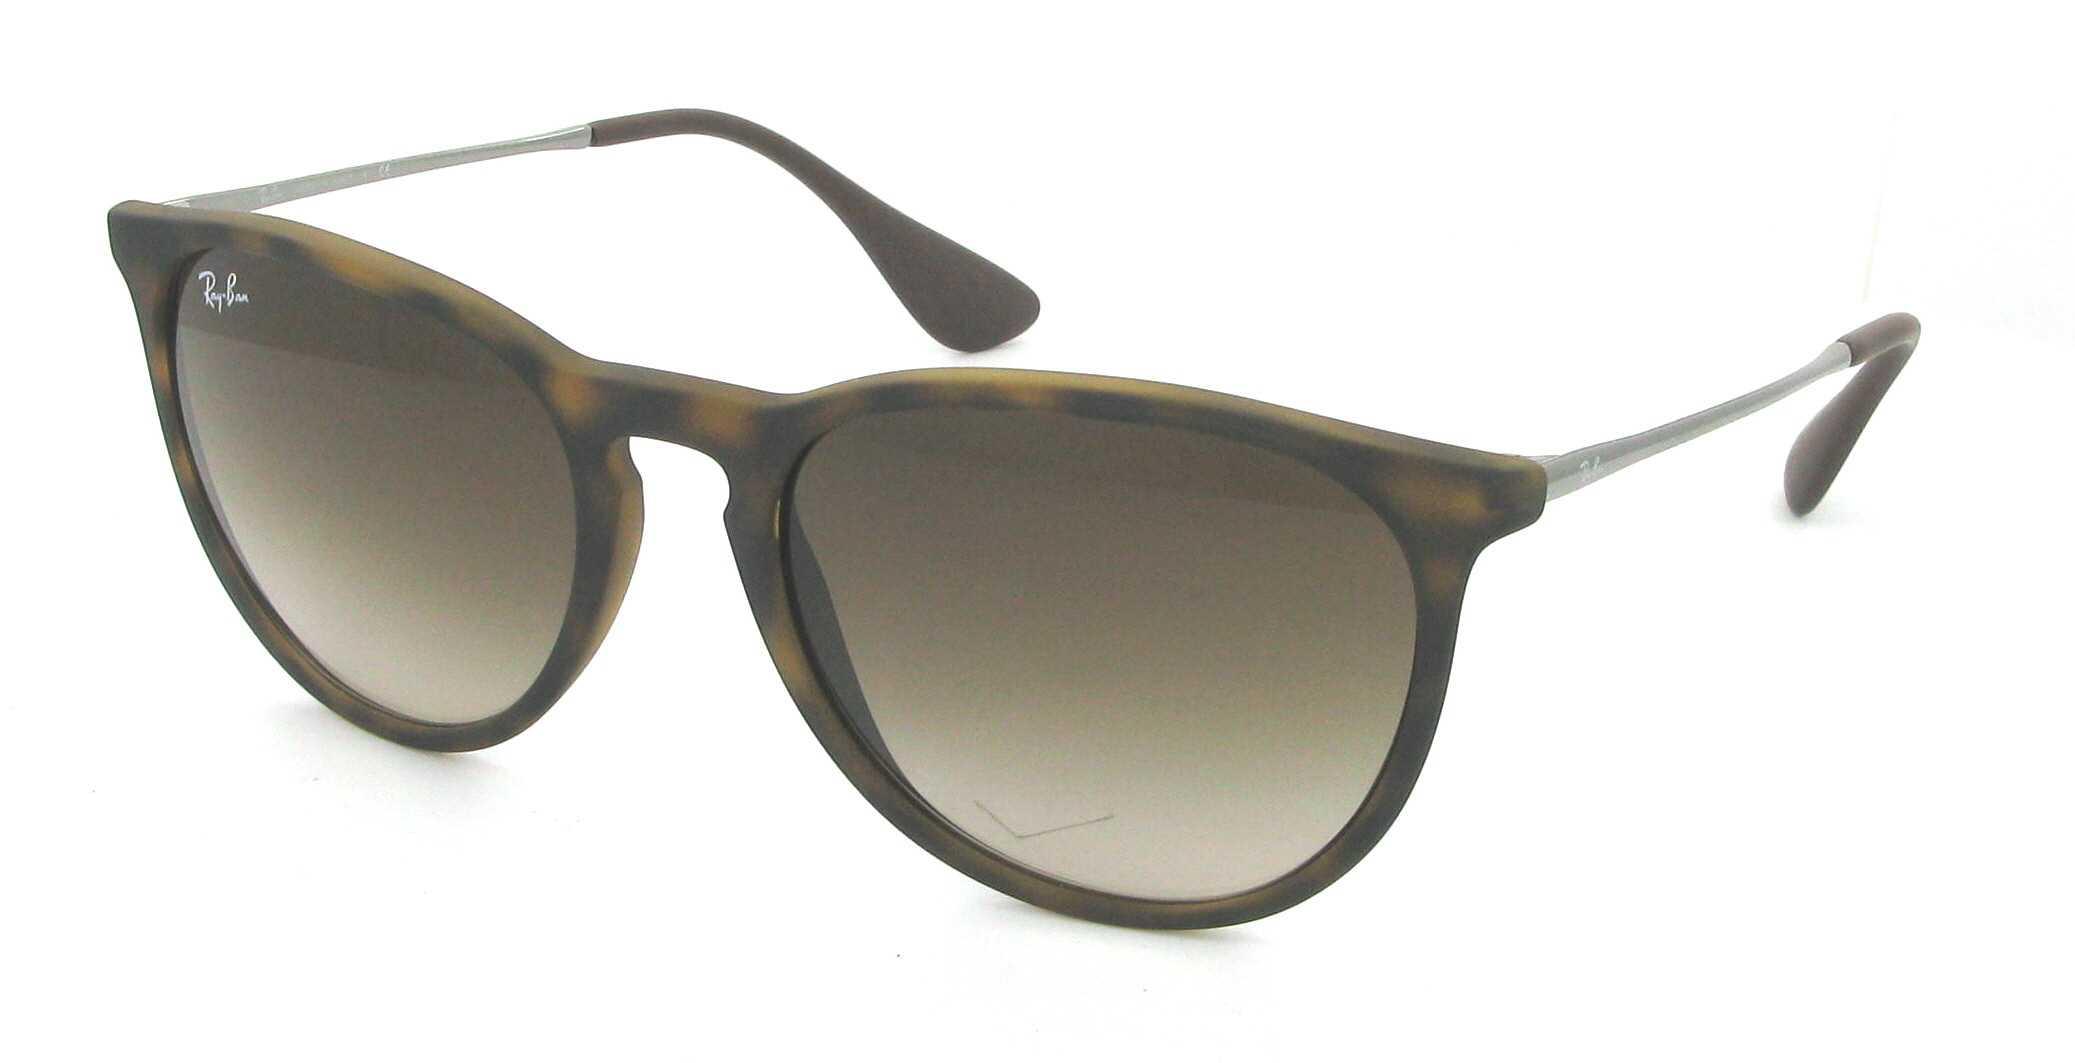 5a567865c8918 acheter lunettes de soleil ray ban pas cher en ligne sur mikechaussure.fr  sont chauds à vendre. Venez choisir les meilleures chaussures Nike pour les  ...